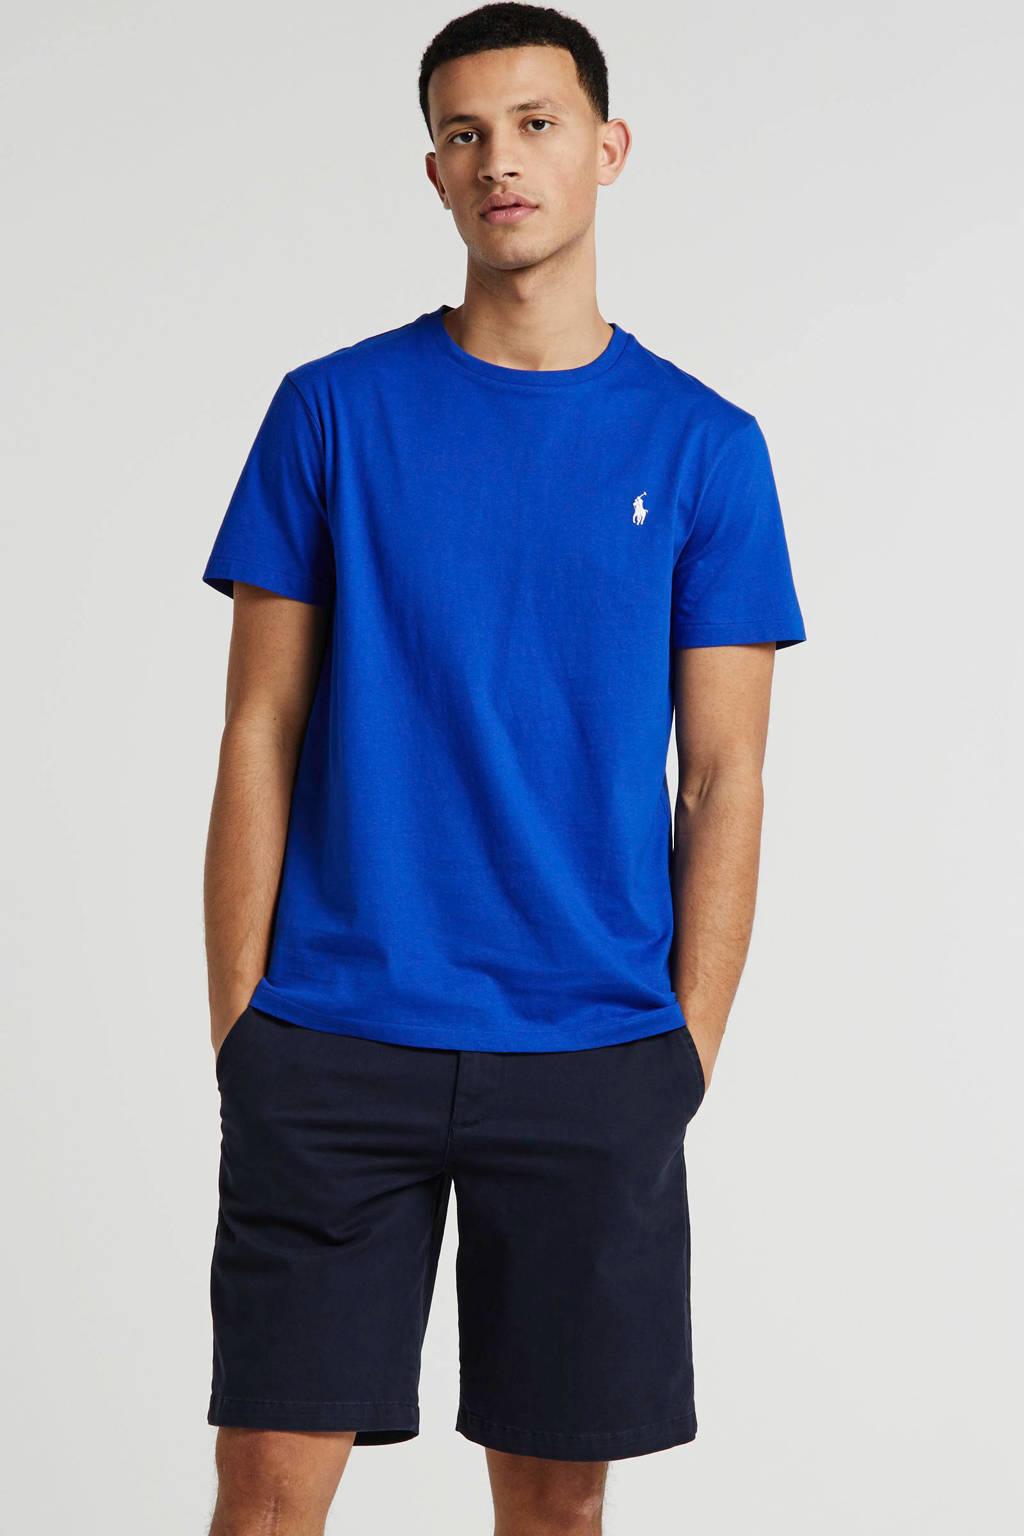 POLO Ralph Lauren T-shirt met logo blauw, Blauw